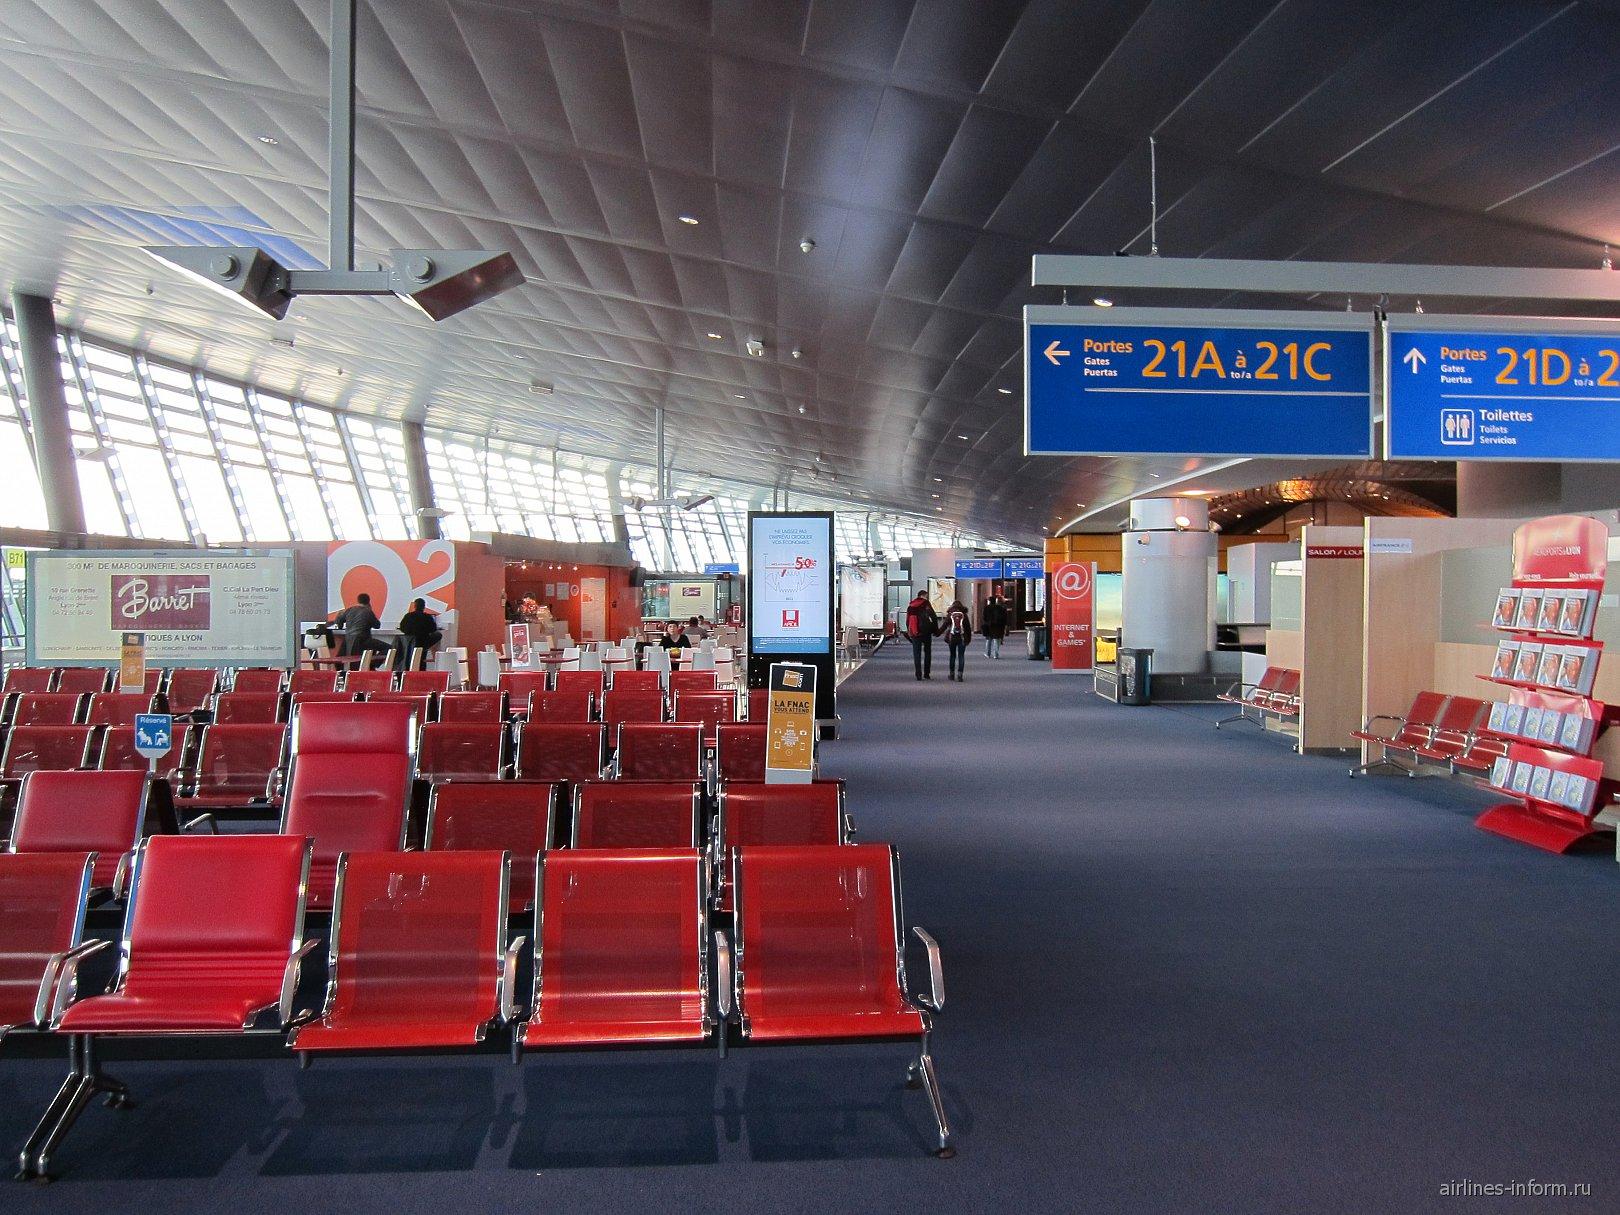 Залы ожидания в чистой зоне терминала 2 аэропорта Лион Сент-Экзюпери